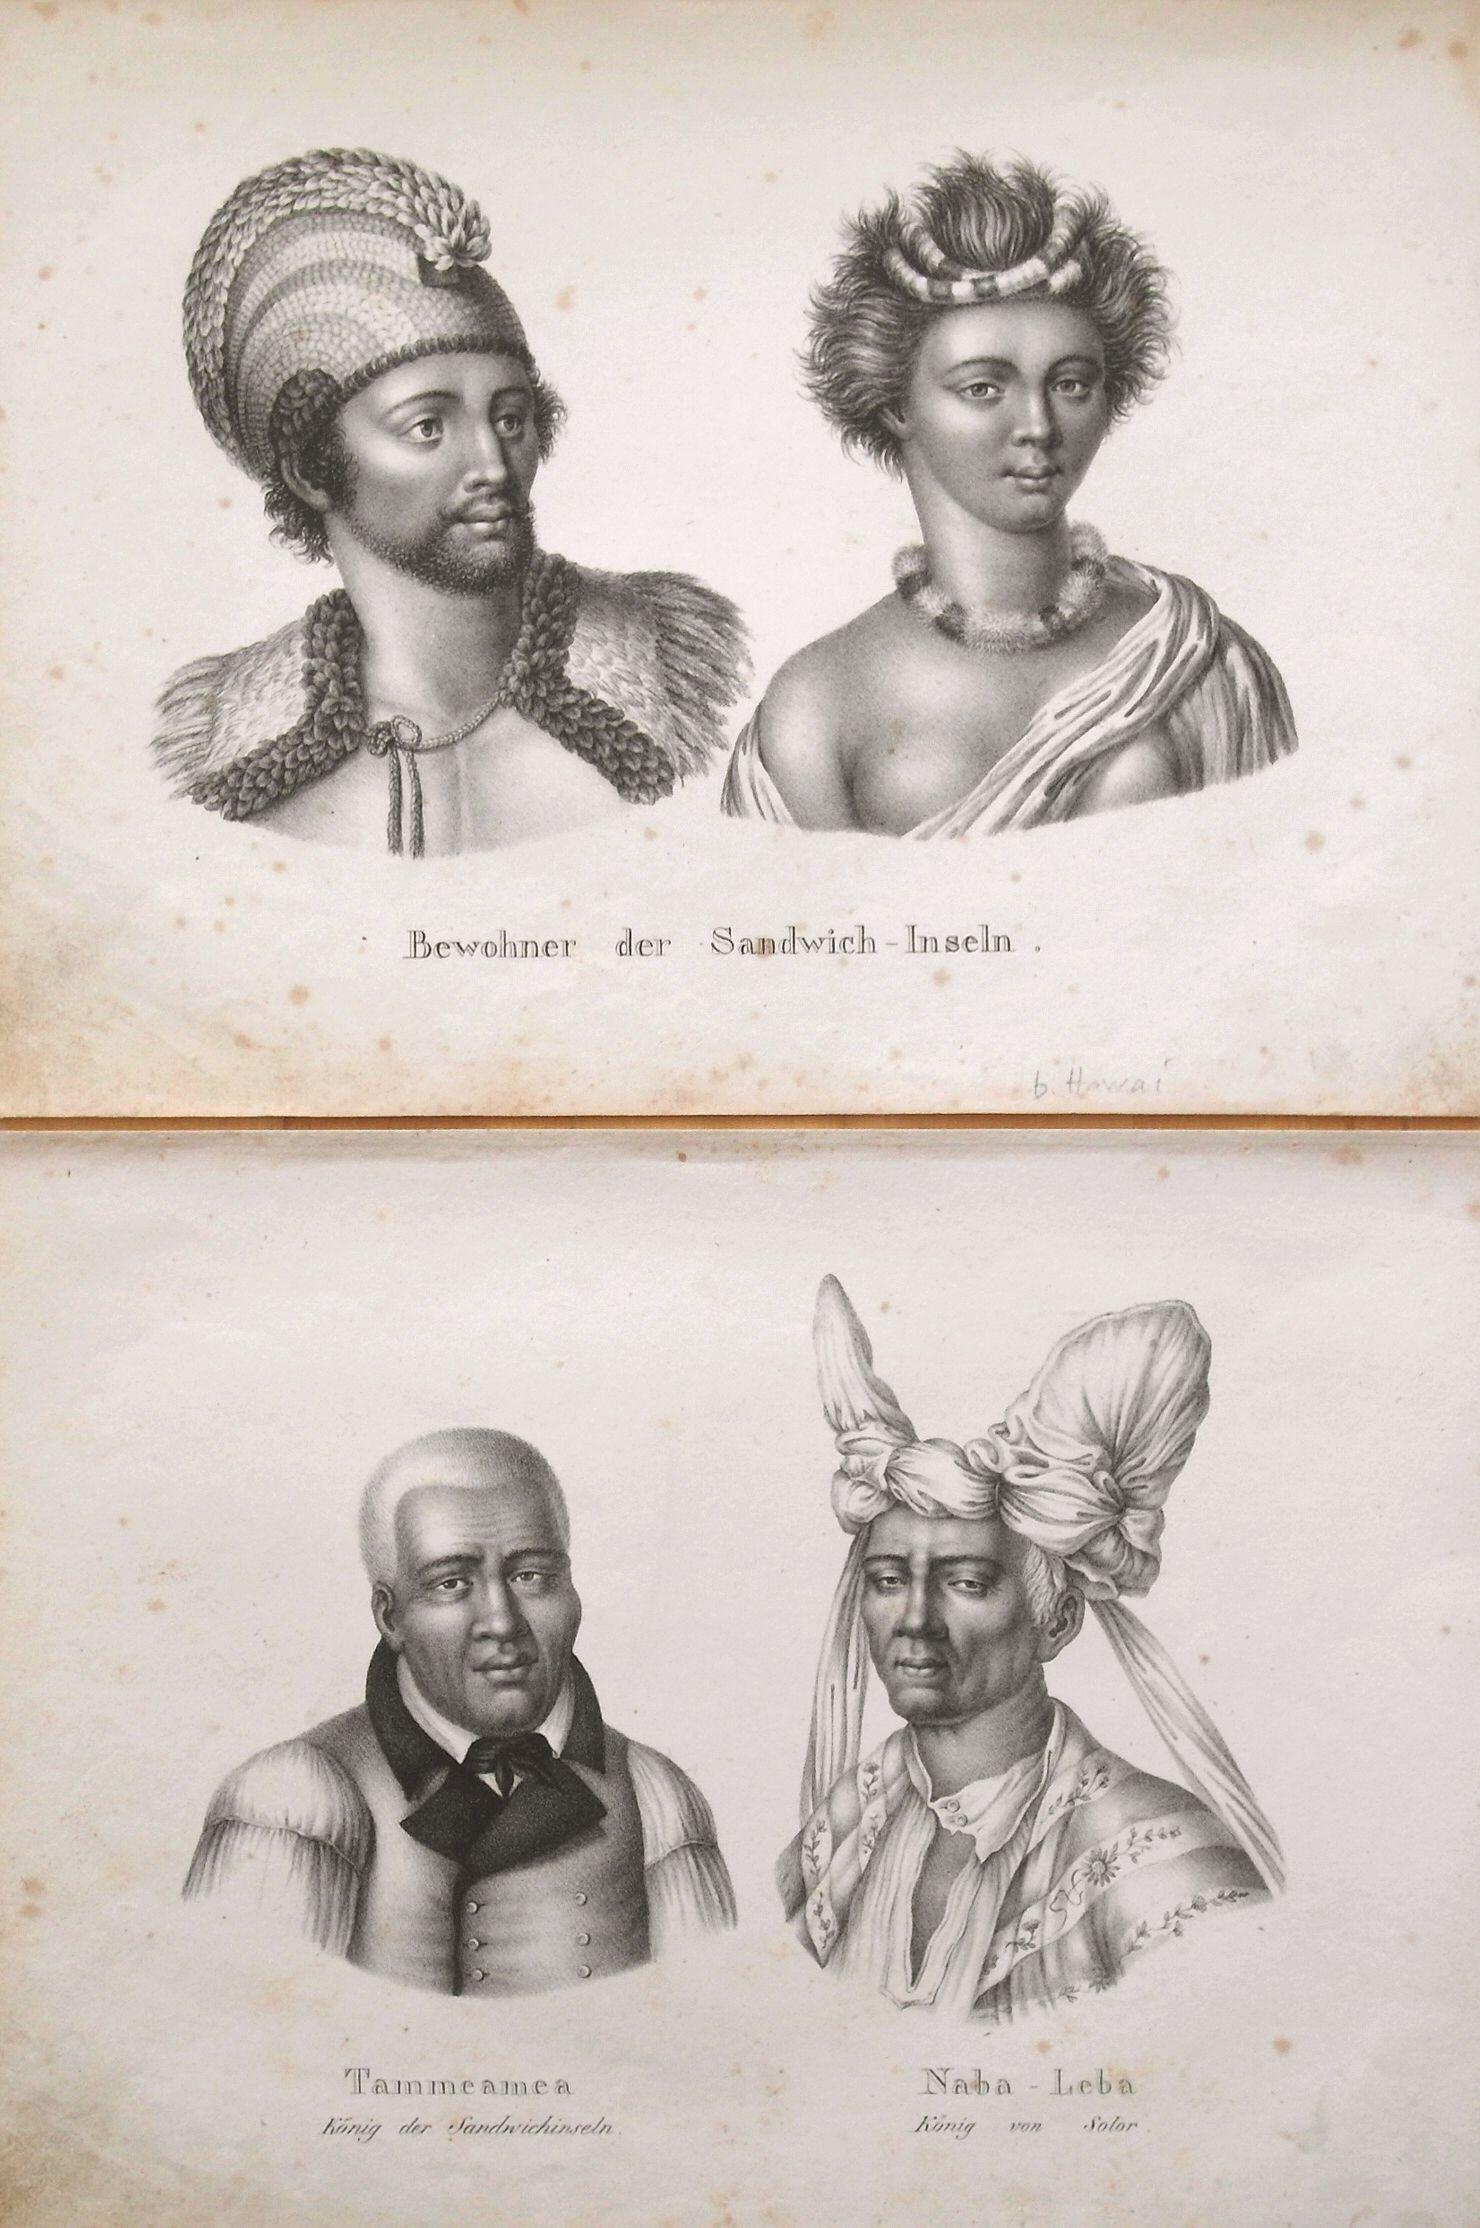 BRODTMANN, C. J. - Pair of 2 prints: Bewohner der Sandwich-Inseln; Tammeamea König der Sandwichinseln. Naba-Leba König von Solor;